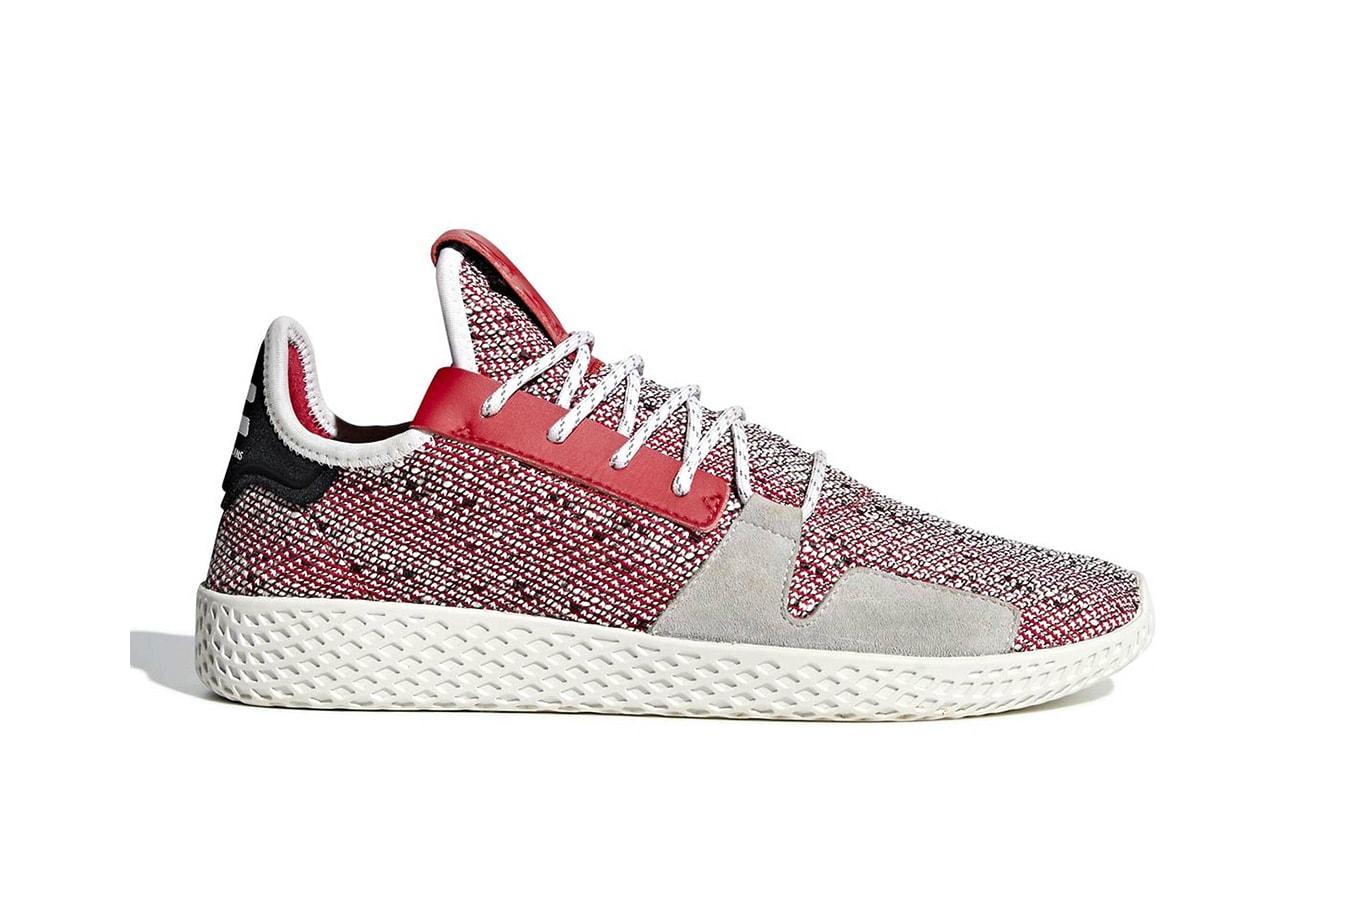 d7ece25a2f371 Best Sneaker Releases  August 2018 Week 3